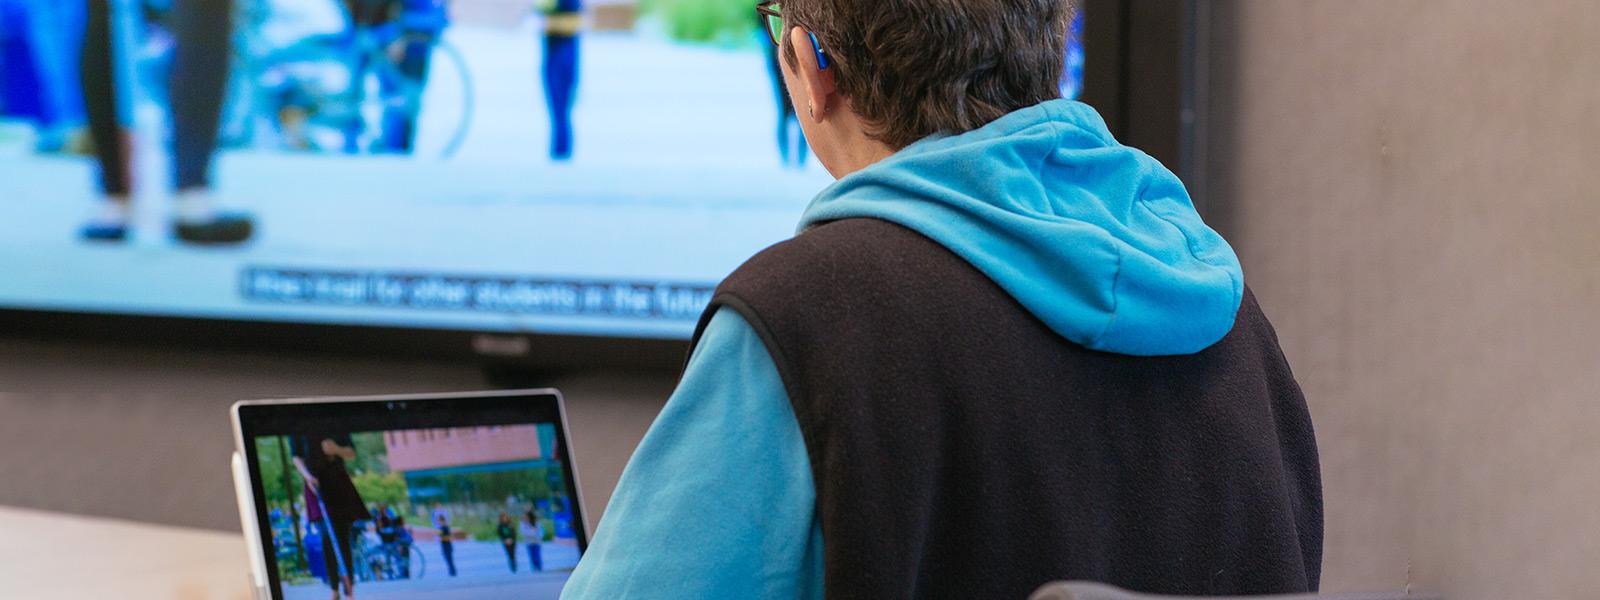 Kuuldeaparaati kasutav naine vaatab subtiitritega videoesitlust